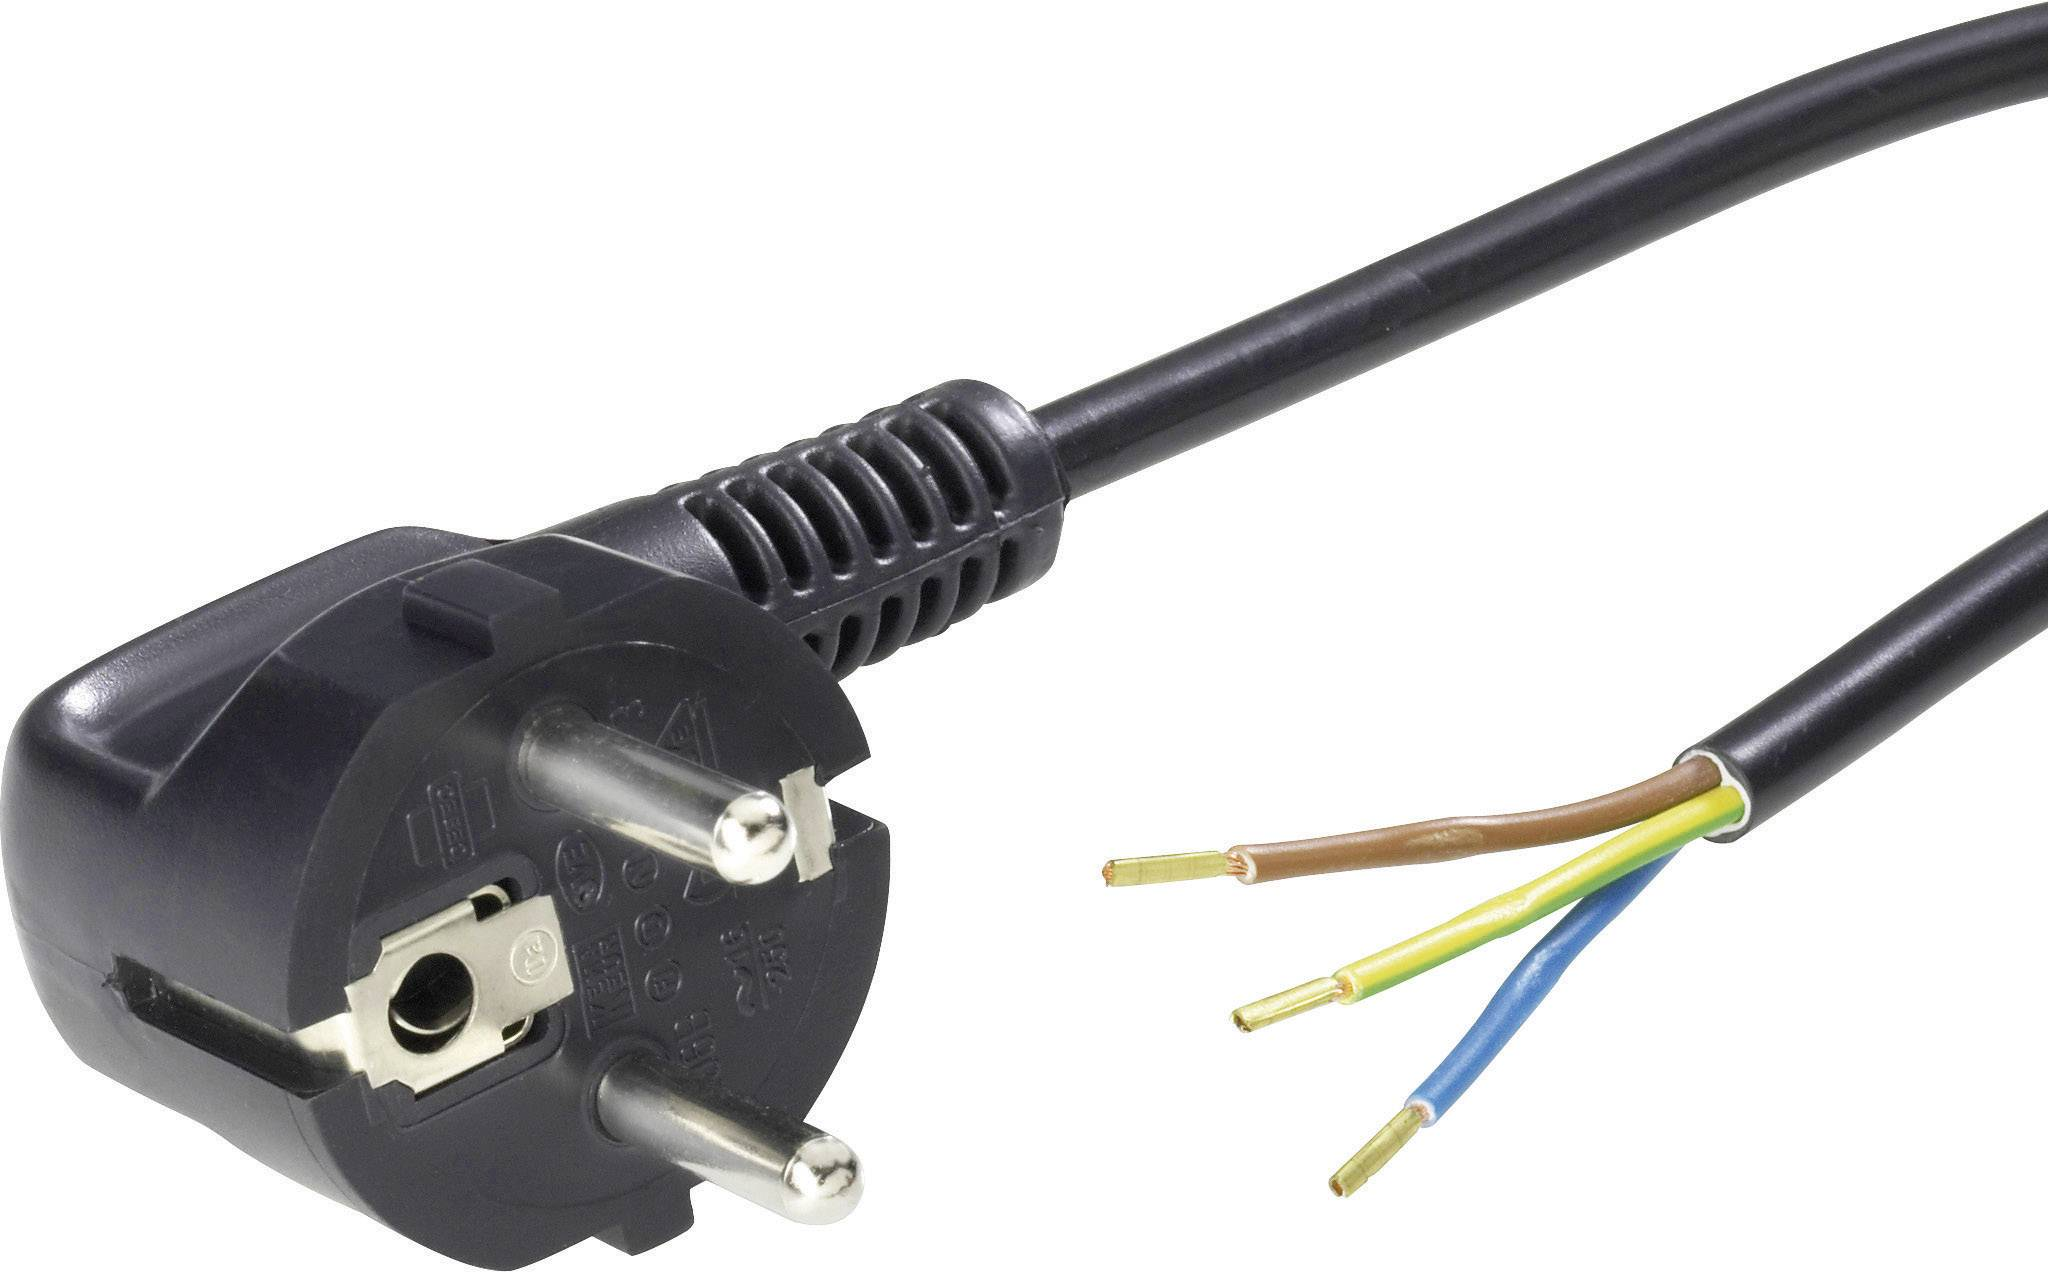 Připojovací kabel NETZFLEXR H05VV-F 3G1,5 zelený